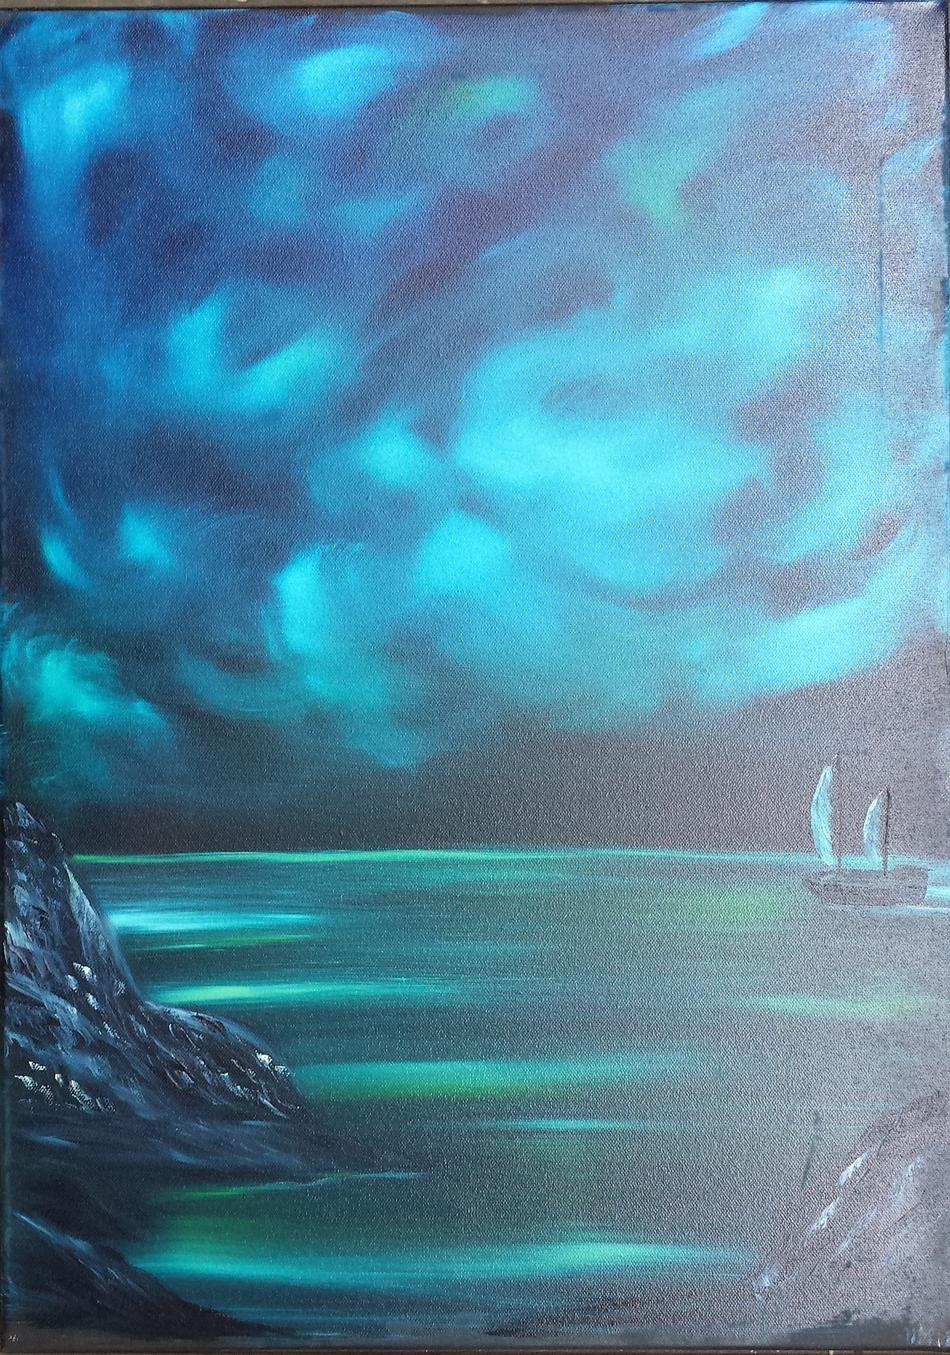 Nächtliches Meer